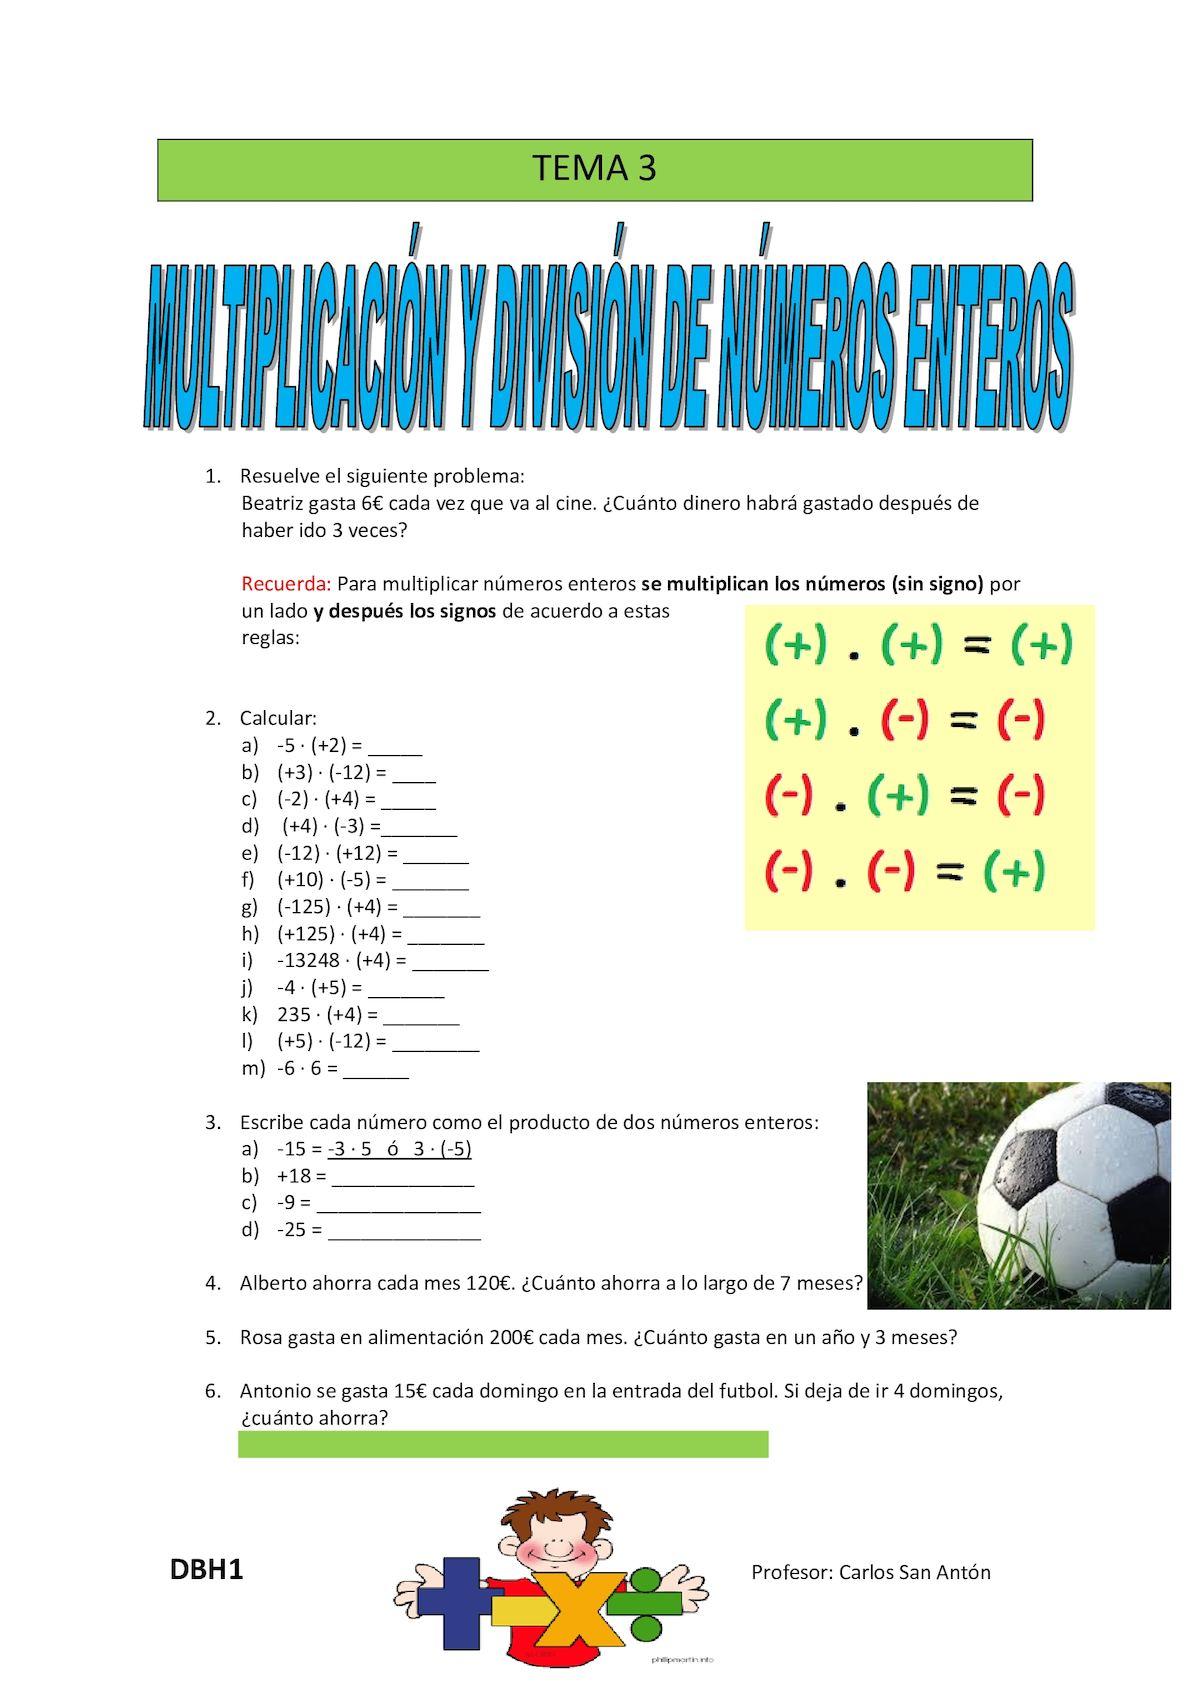 Calaméo Dbh1 Tema 3 Numeros Enteros Multiplicacion Y División